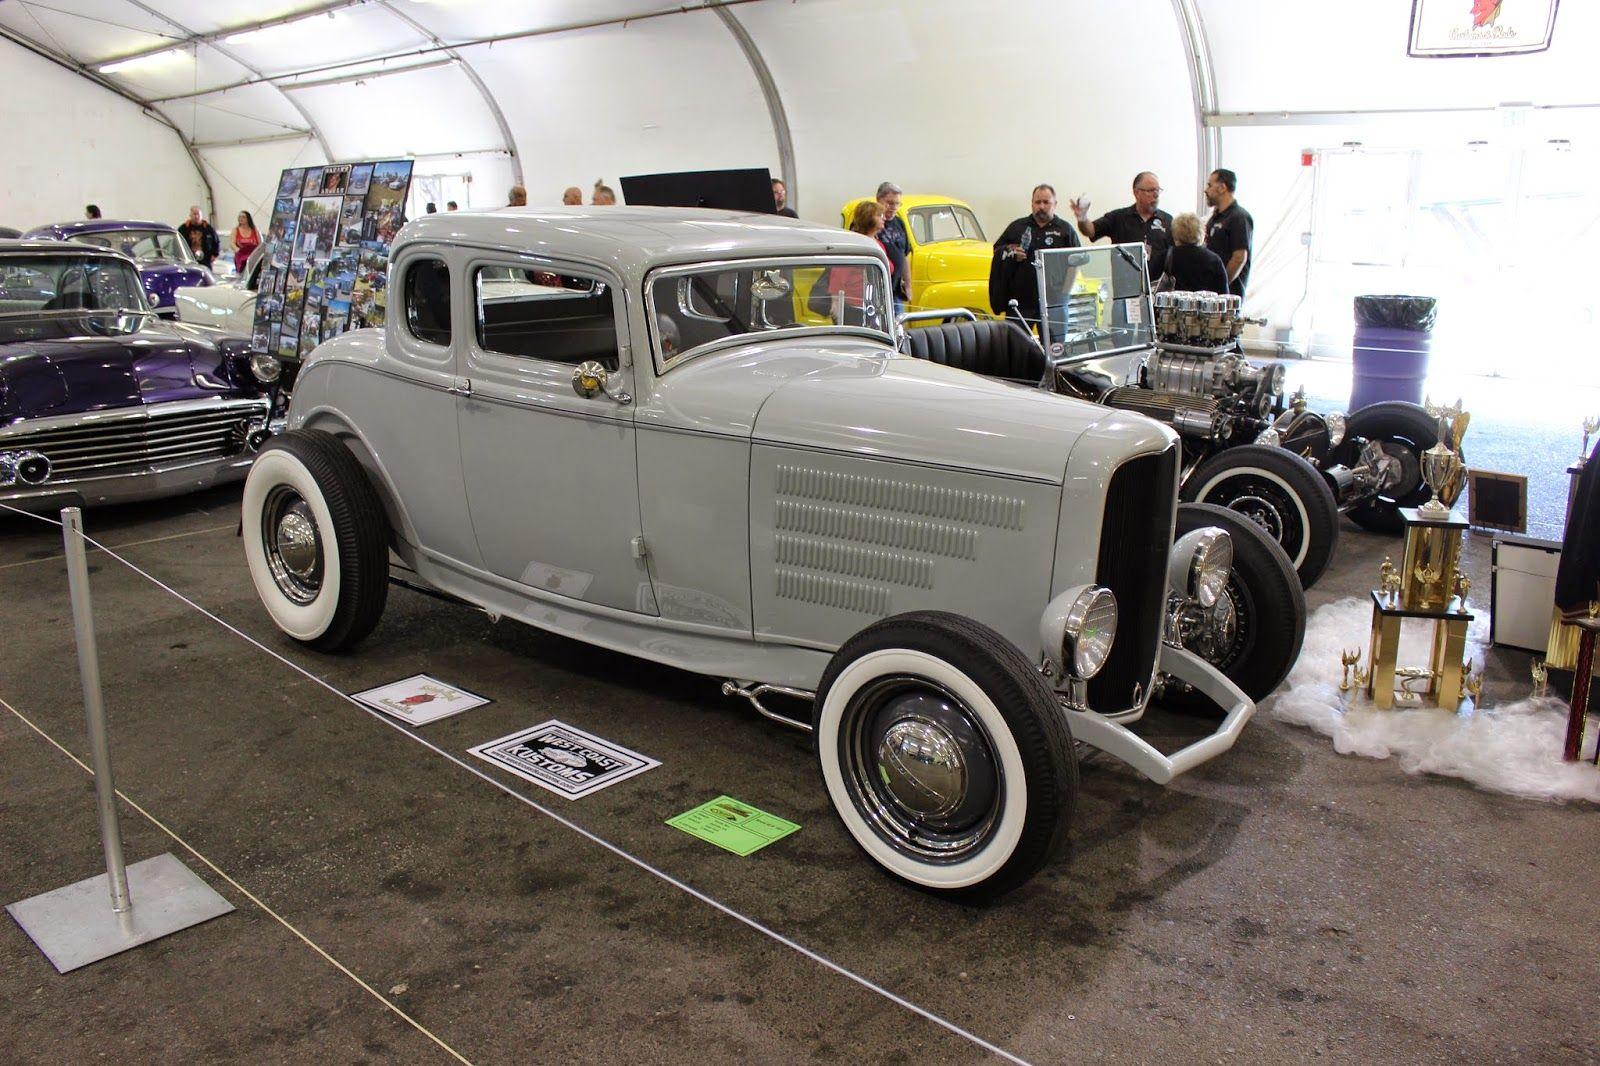 Covering Classic Cars 2015 Sacramento Autorama Car Show